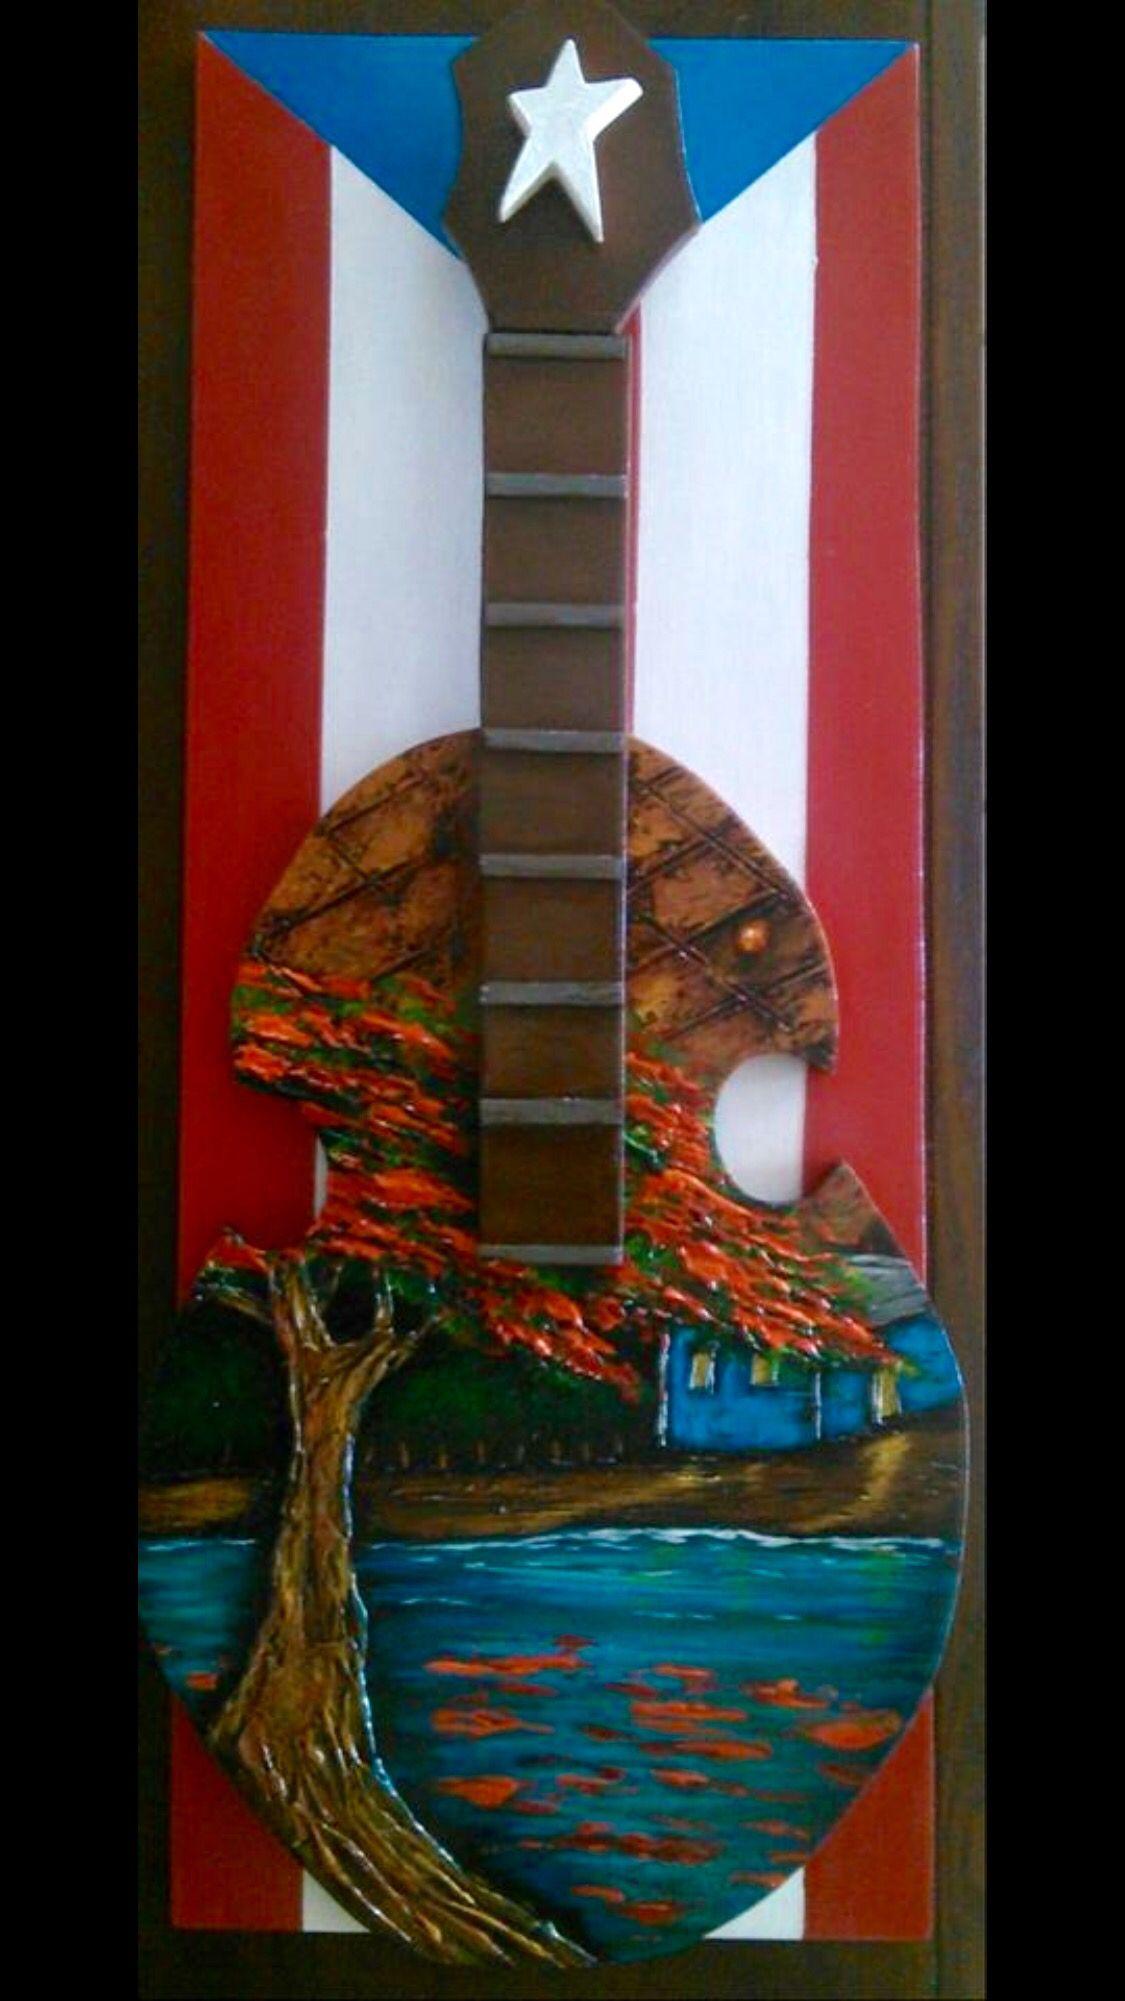 artesan a de puerto rico cuatro puertorrique o flamboy n On artesanias y manualidades puerto rico